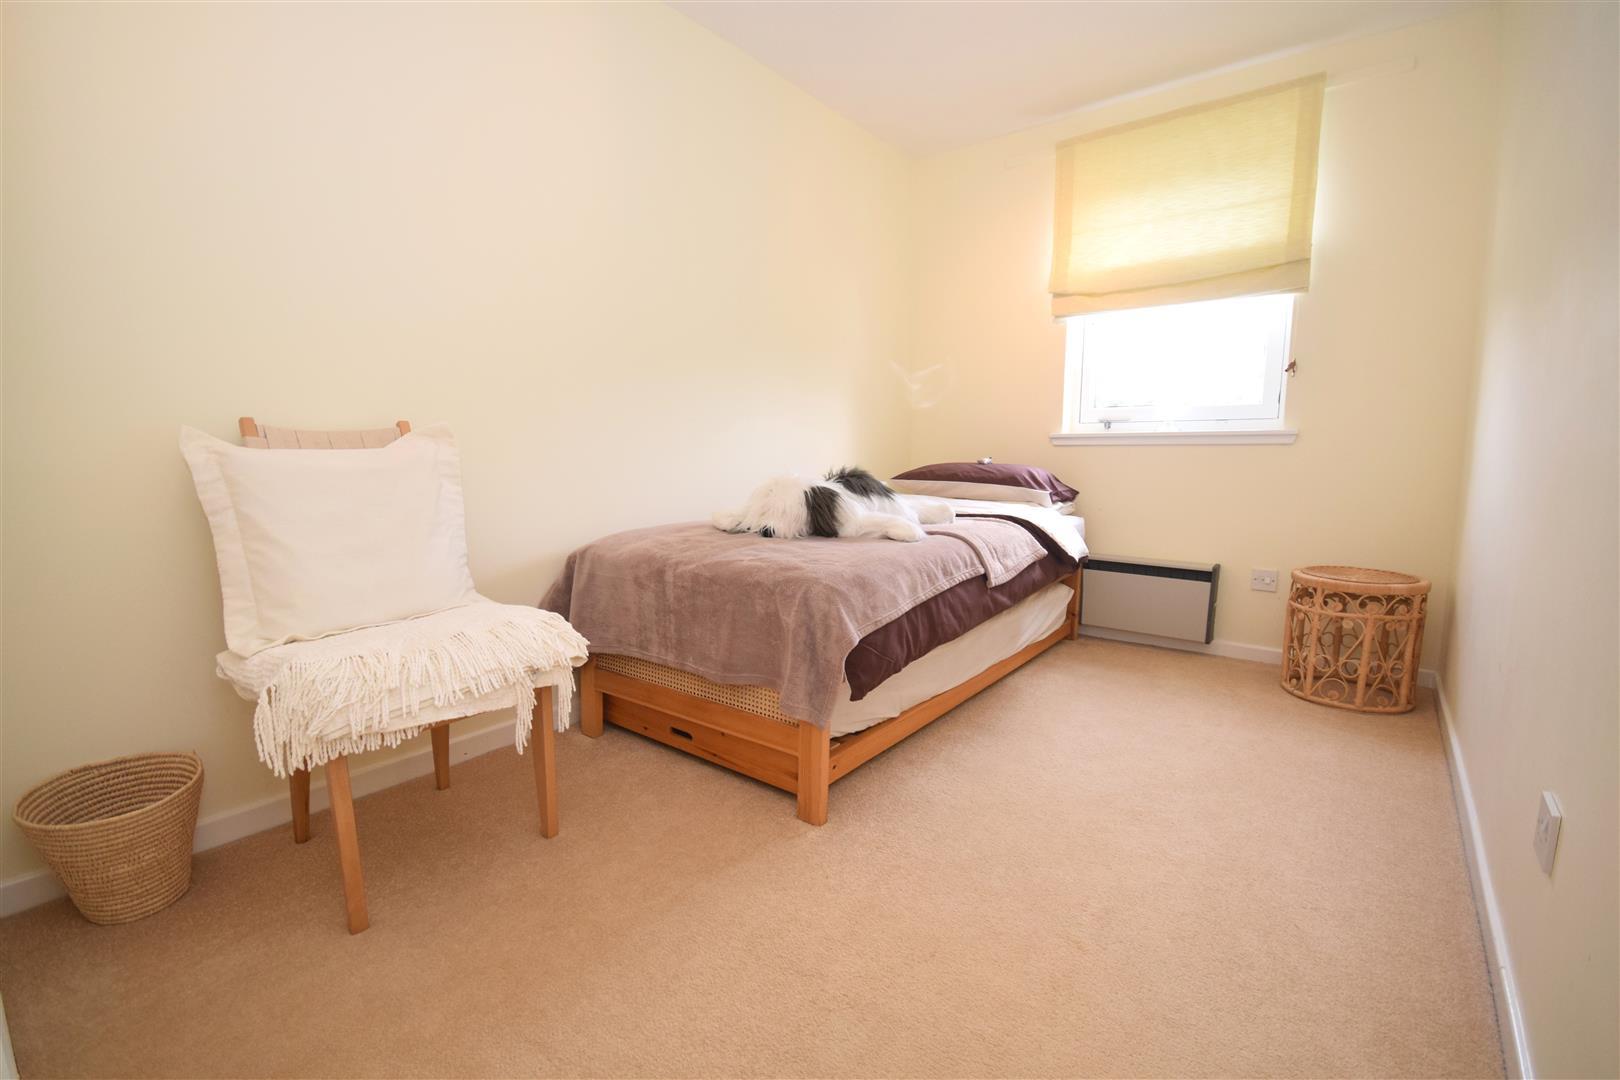 Guthrie Court, Gleneagles Village, Auchterarder, Perthshire, PH3 1SD, UK